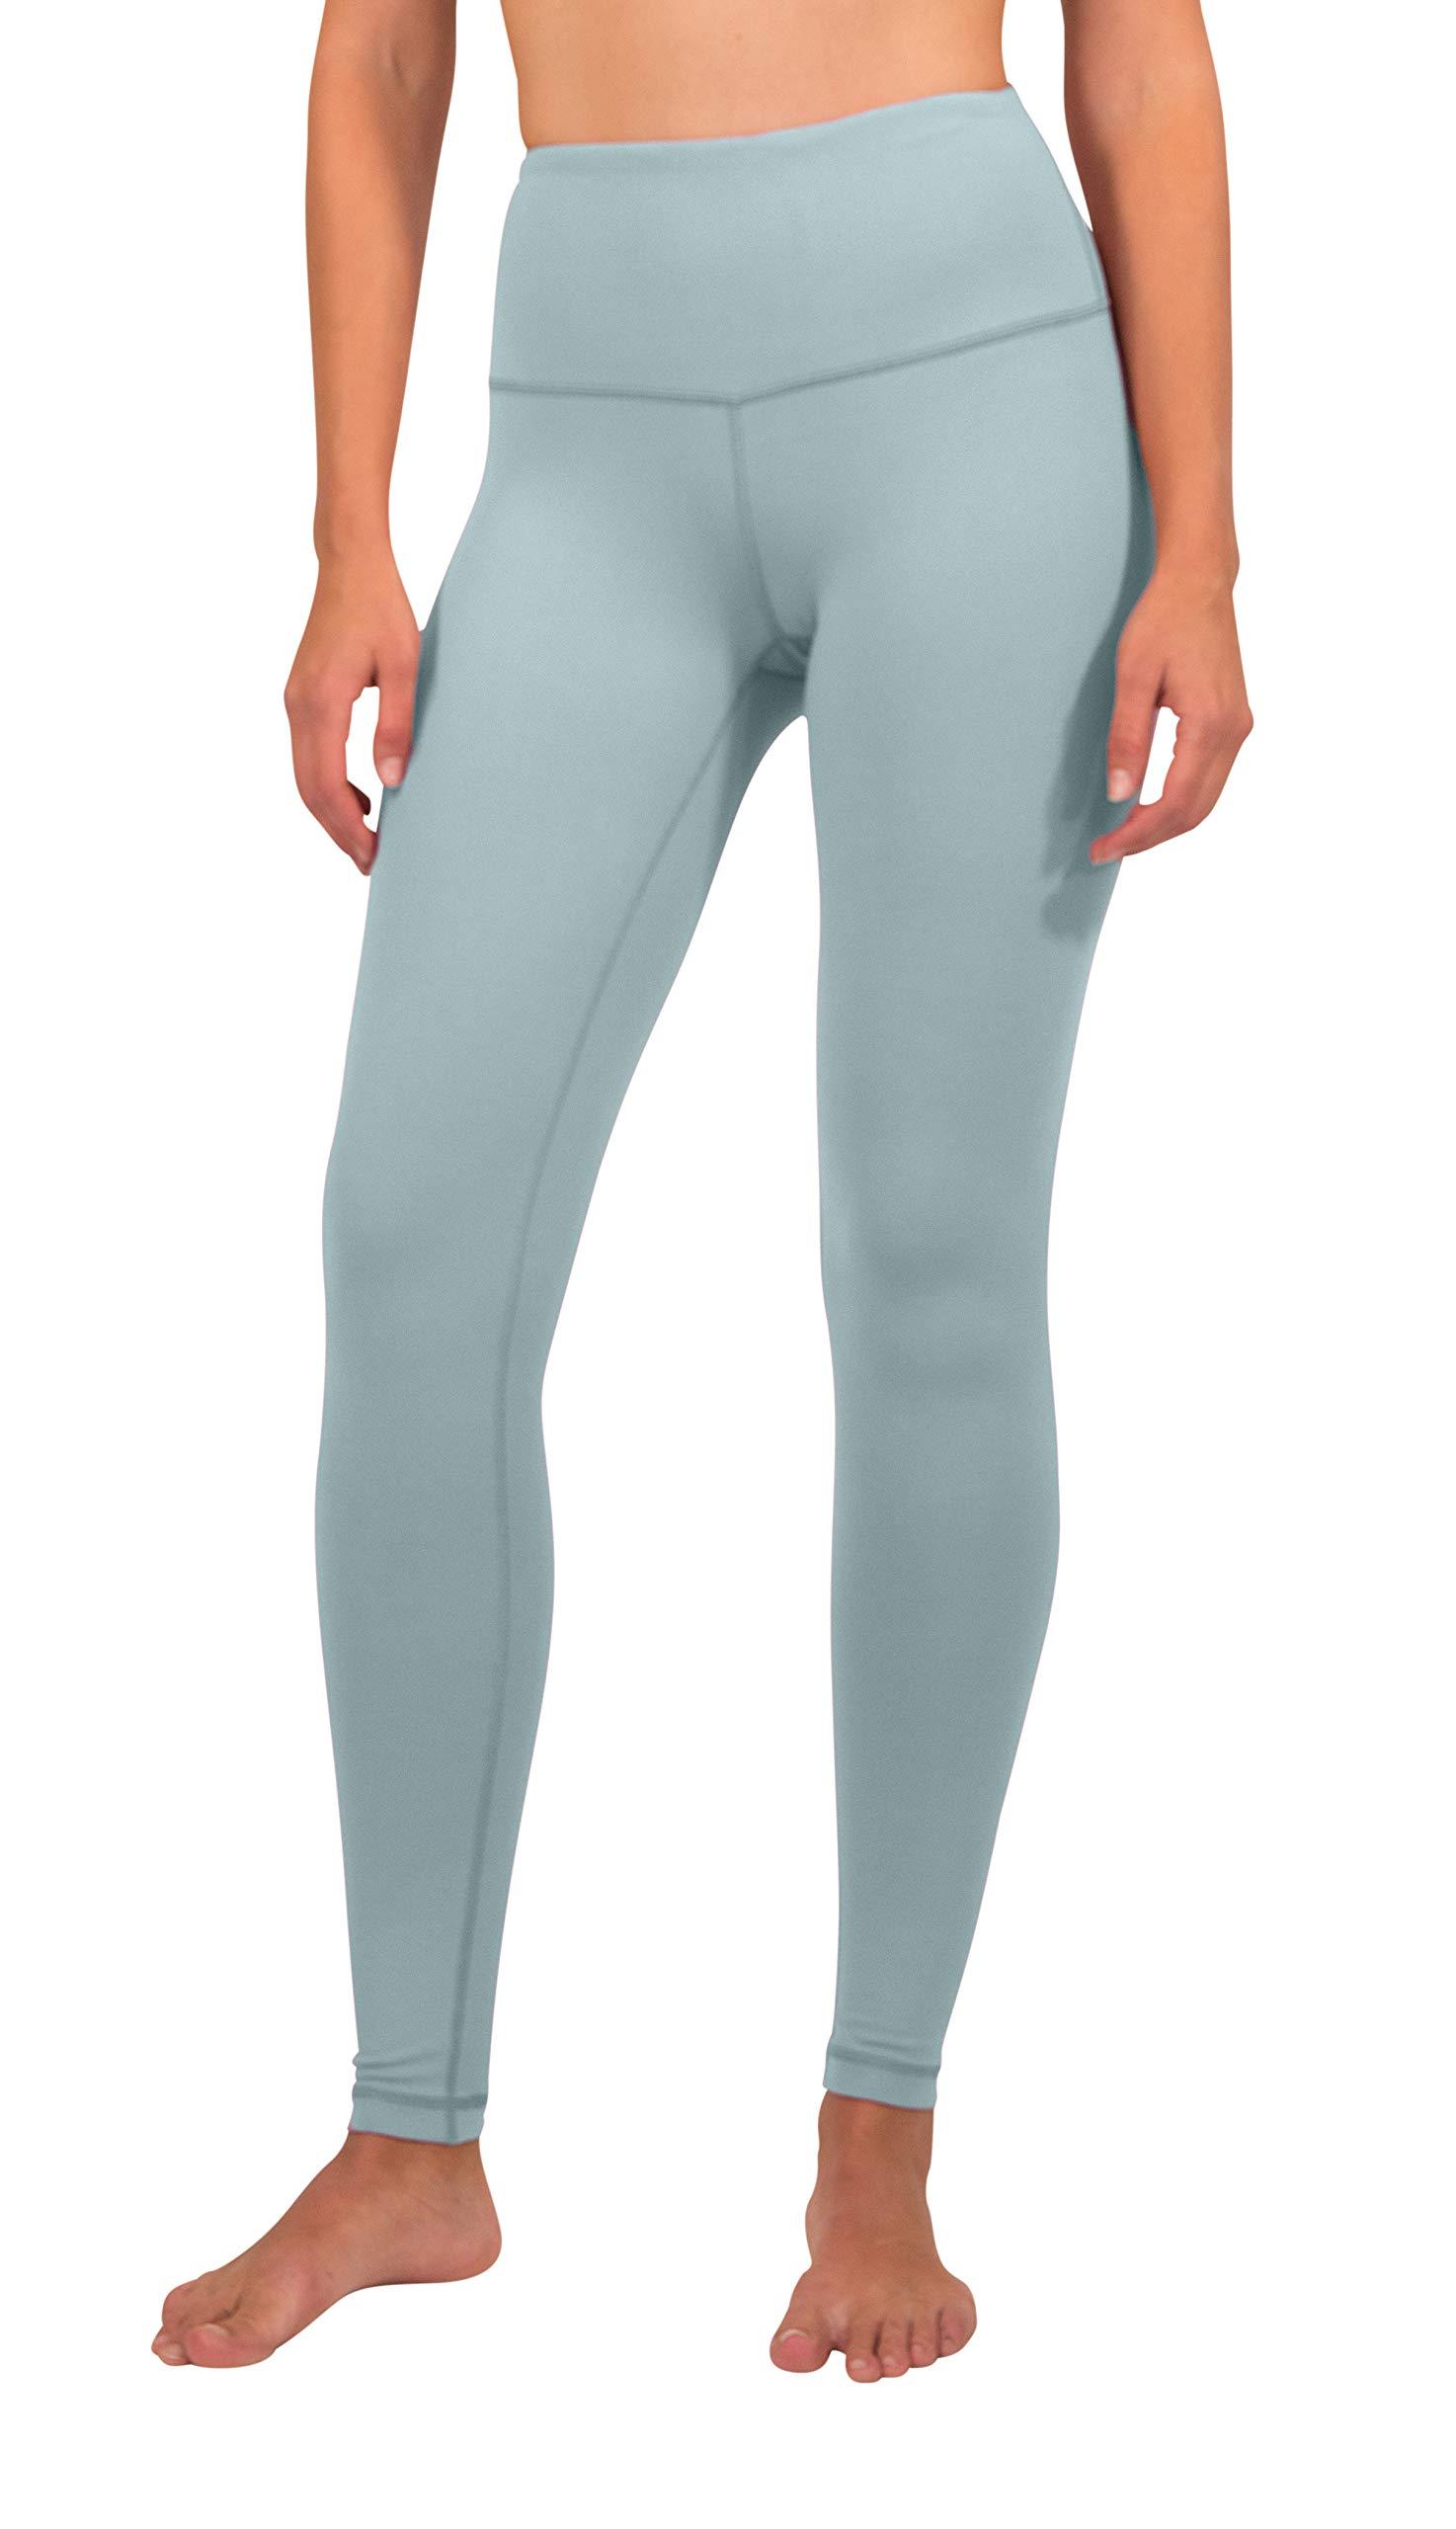 90 Degree By Reflex High Waist Power Flex Legging - Tummy Control - Shadow Blue - XS by 90 Degree By Reflex